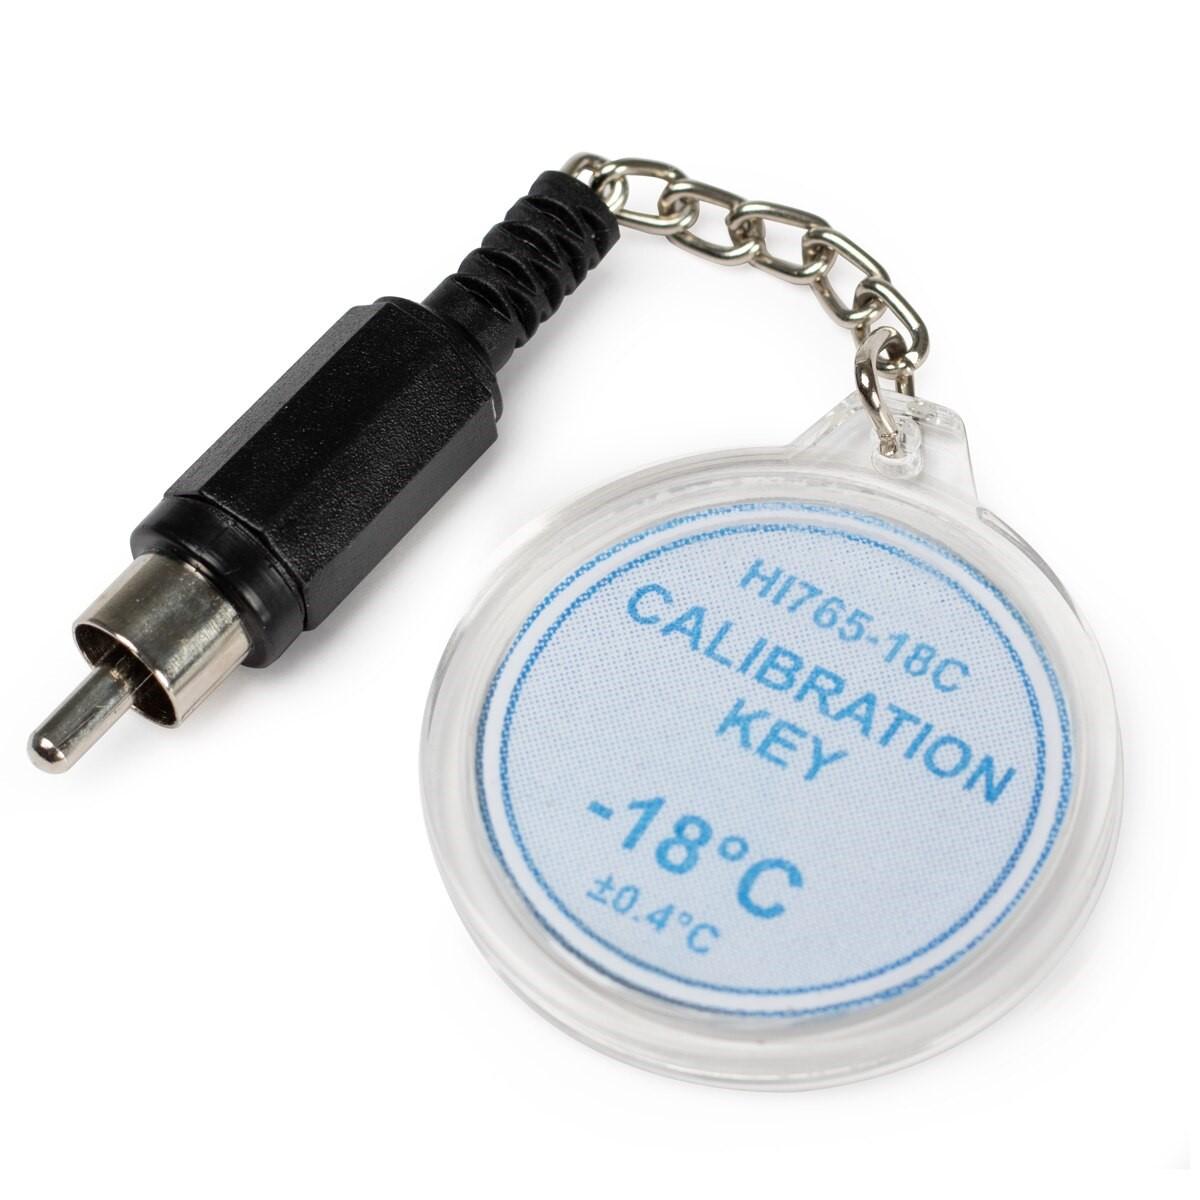 HI765-18C Calibration Check Key at -18°C (HI765 Probes)